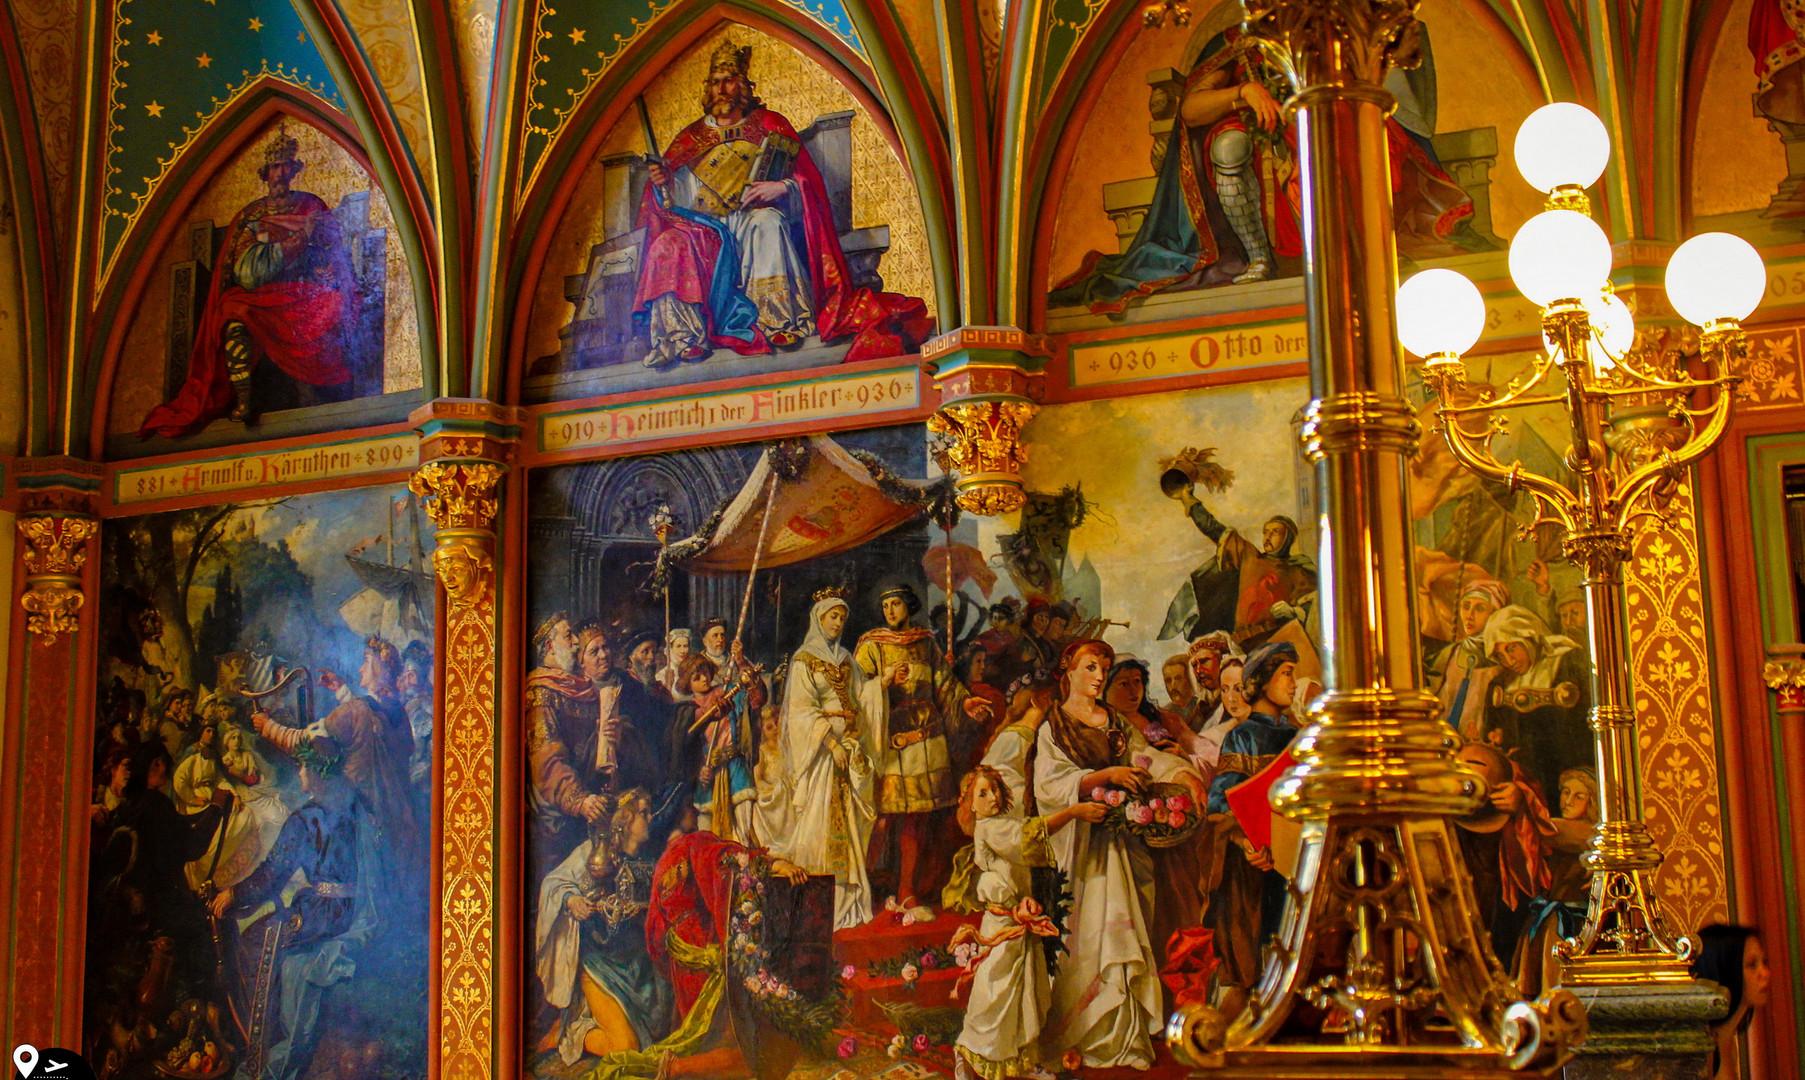 Экспозиция в замке Драхенбург, Бонн